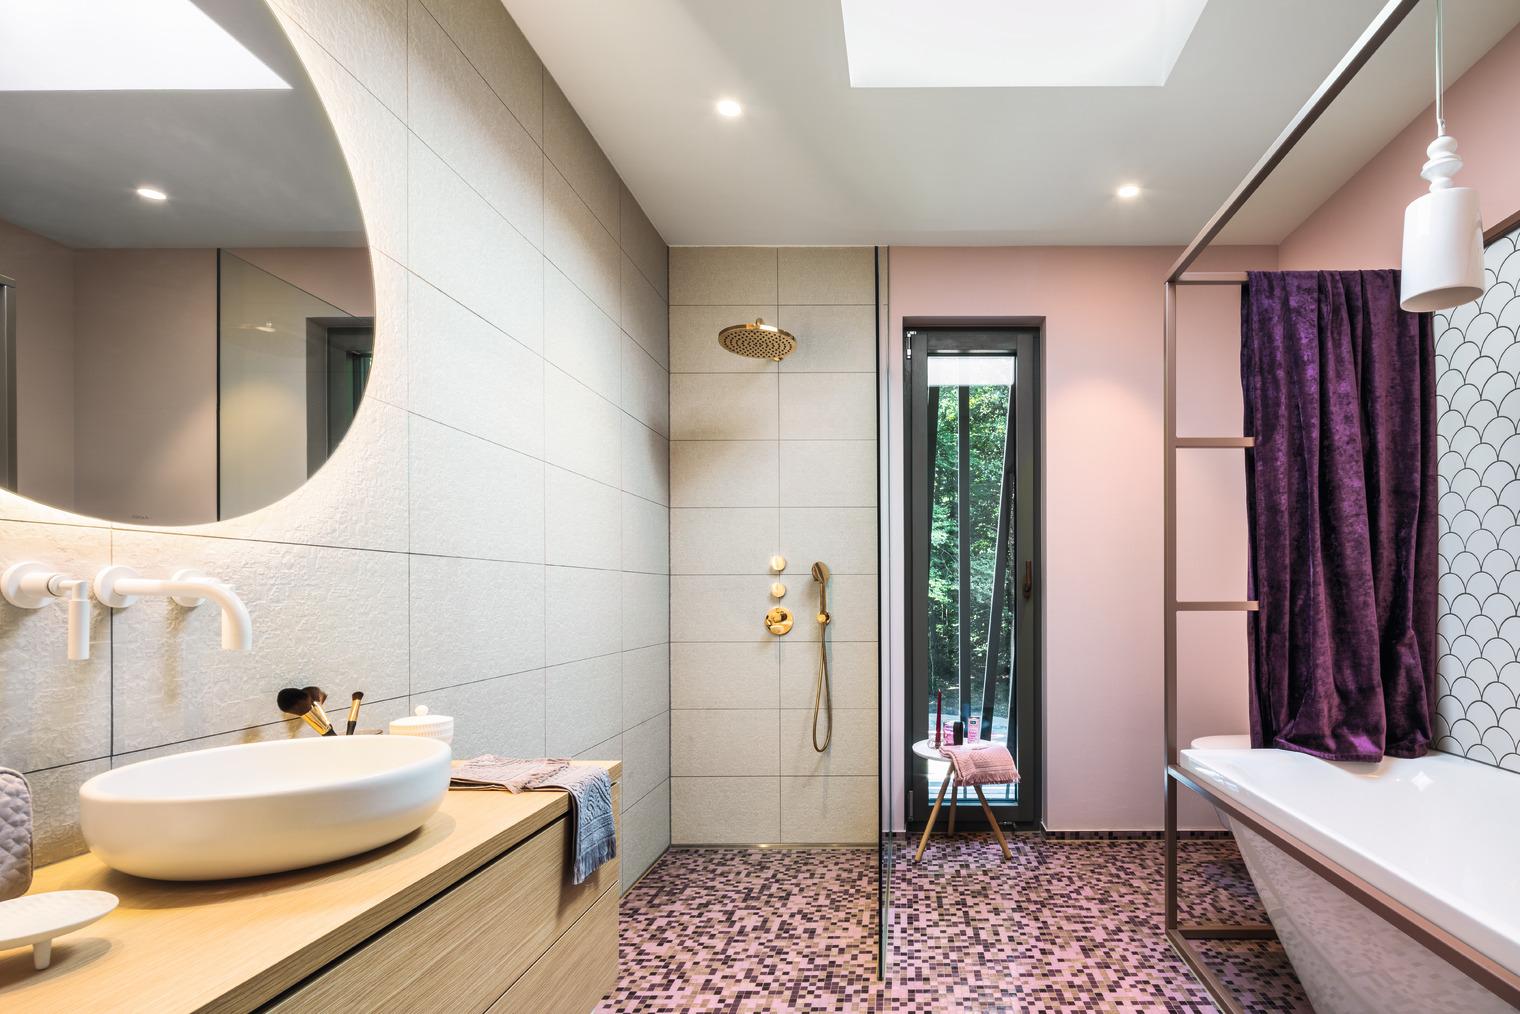 Jugendbadezimmer mit exklusiver Badewanne